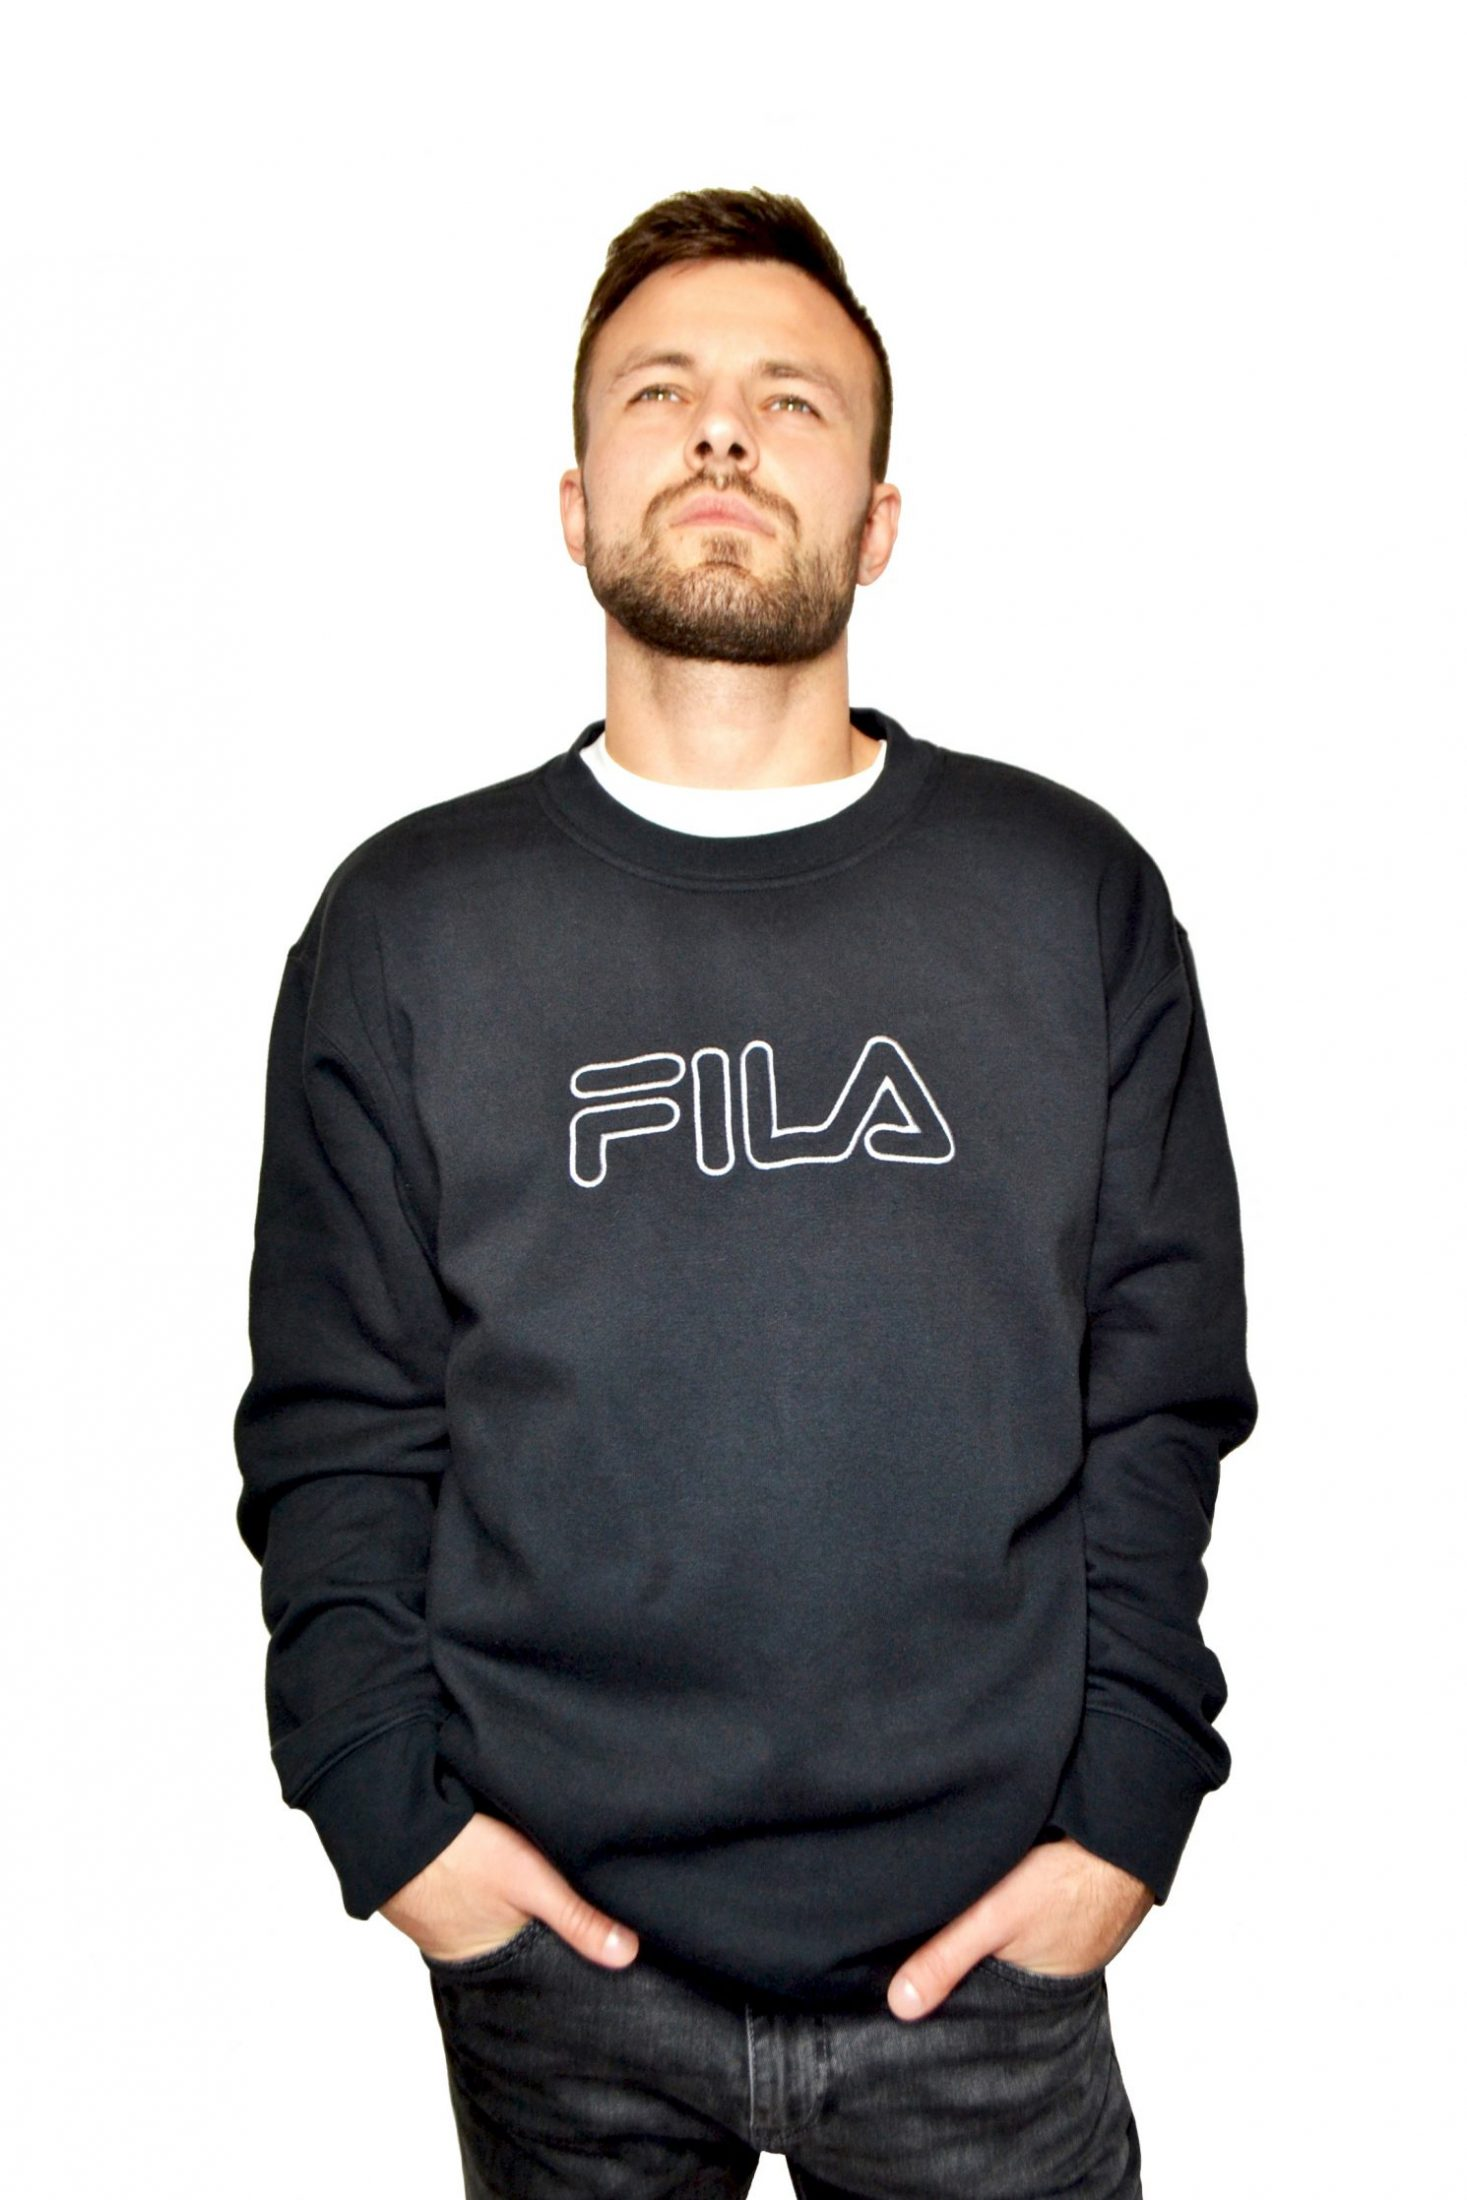 dae62472 FILA | Black sweatshirt